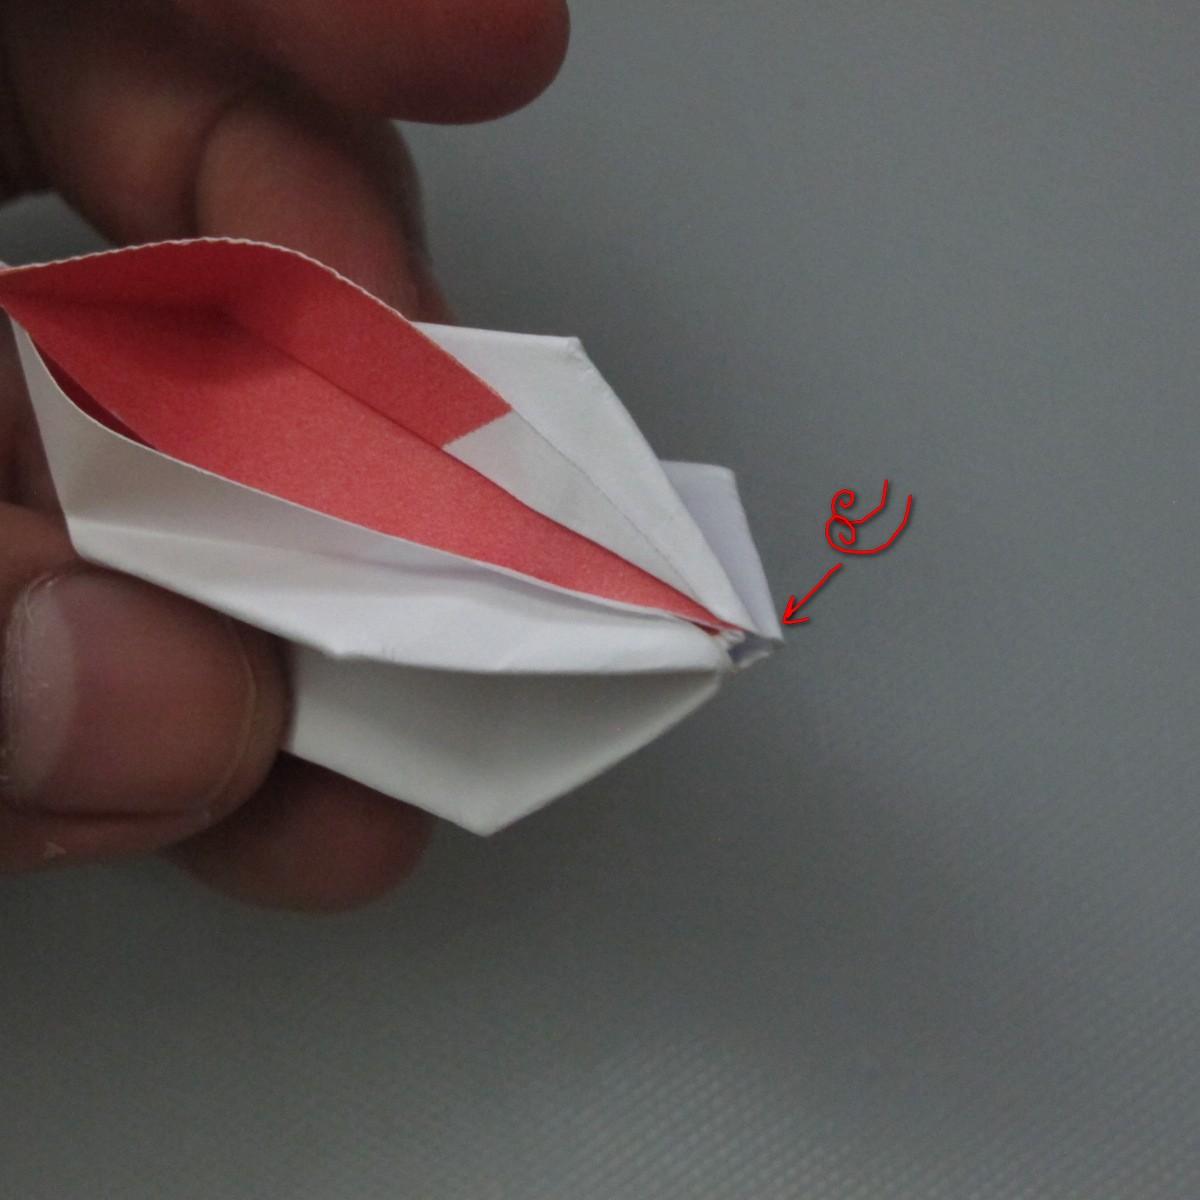 วิธีการพับกระดาษเป็นรูปกระต่าย 018